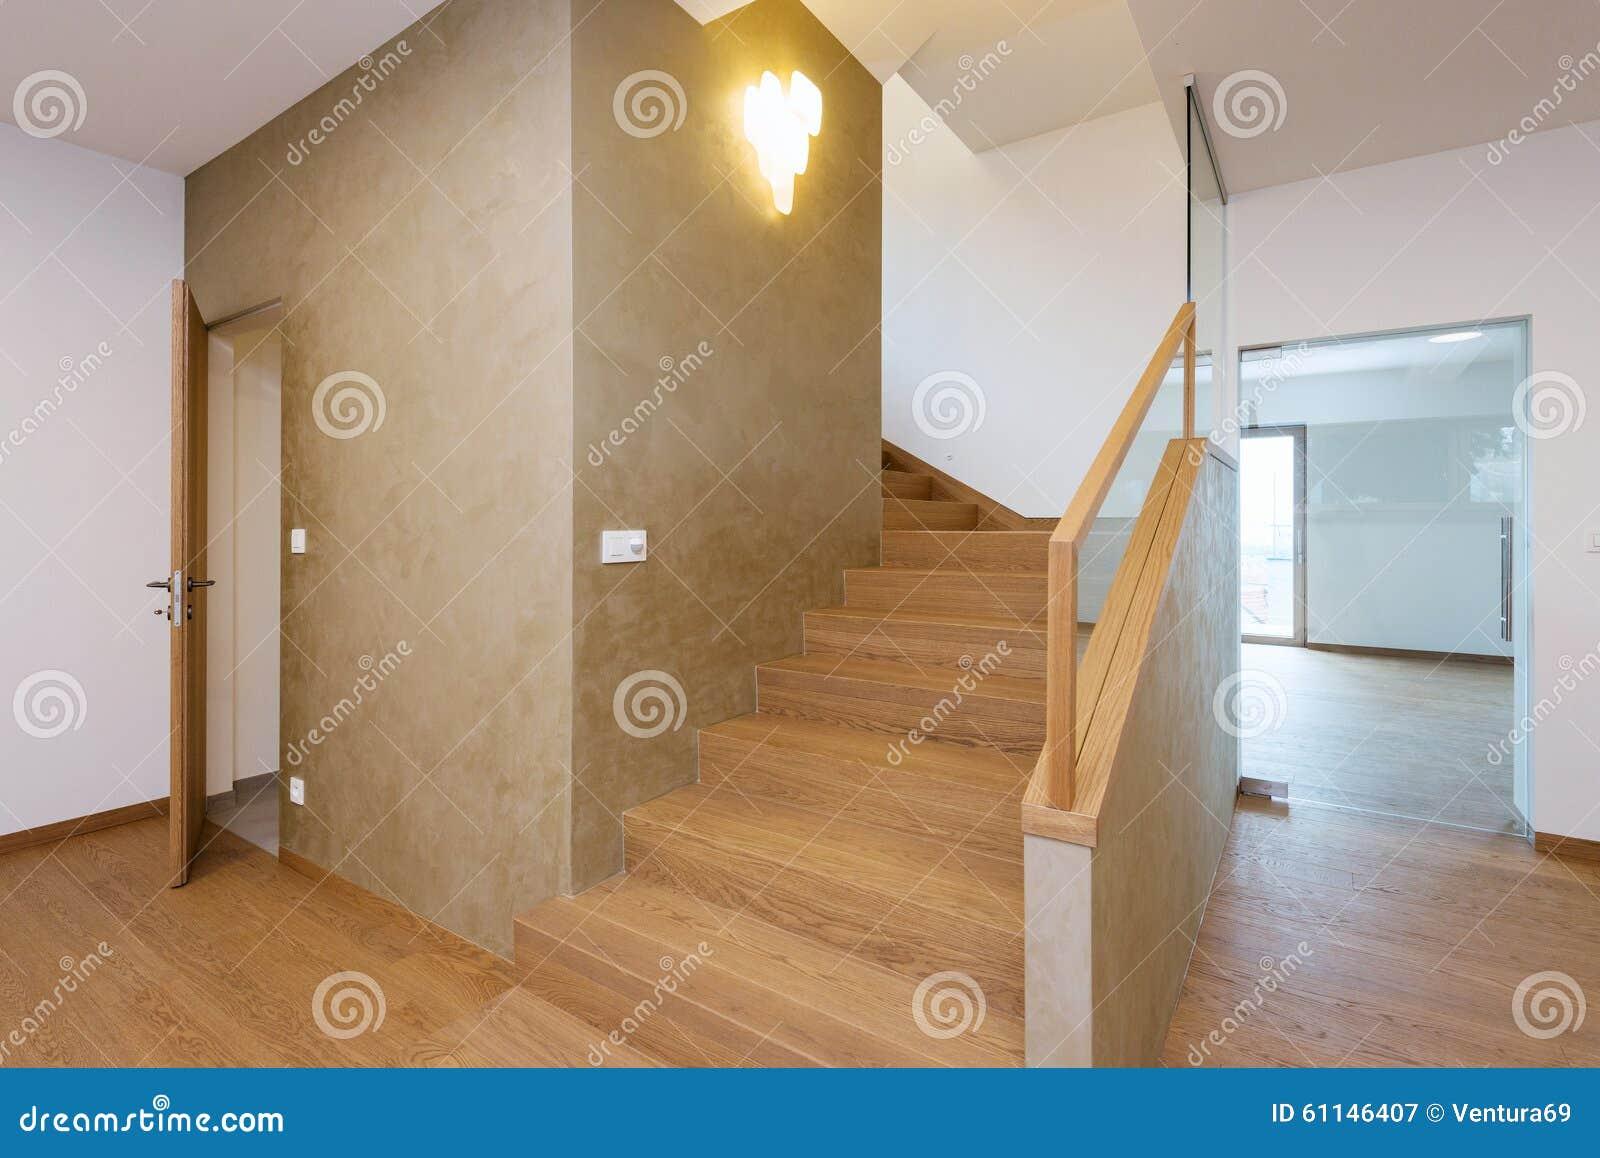 couloir avec l 39 escalier dans la maison moderne image stock image du moderne lifestyle 61146407. Black Bedroom Furniture Sets. Home Design Ideas